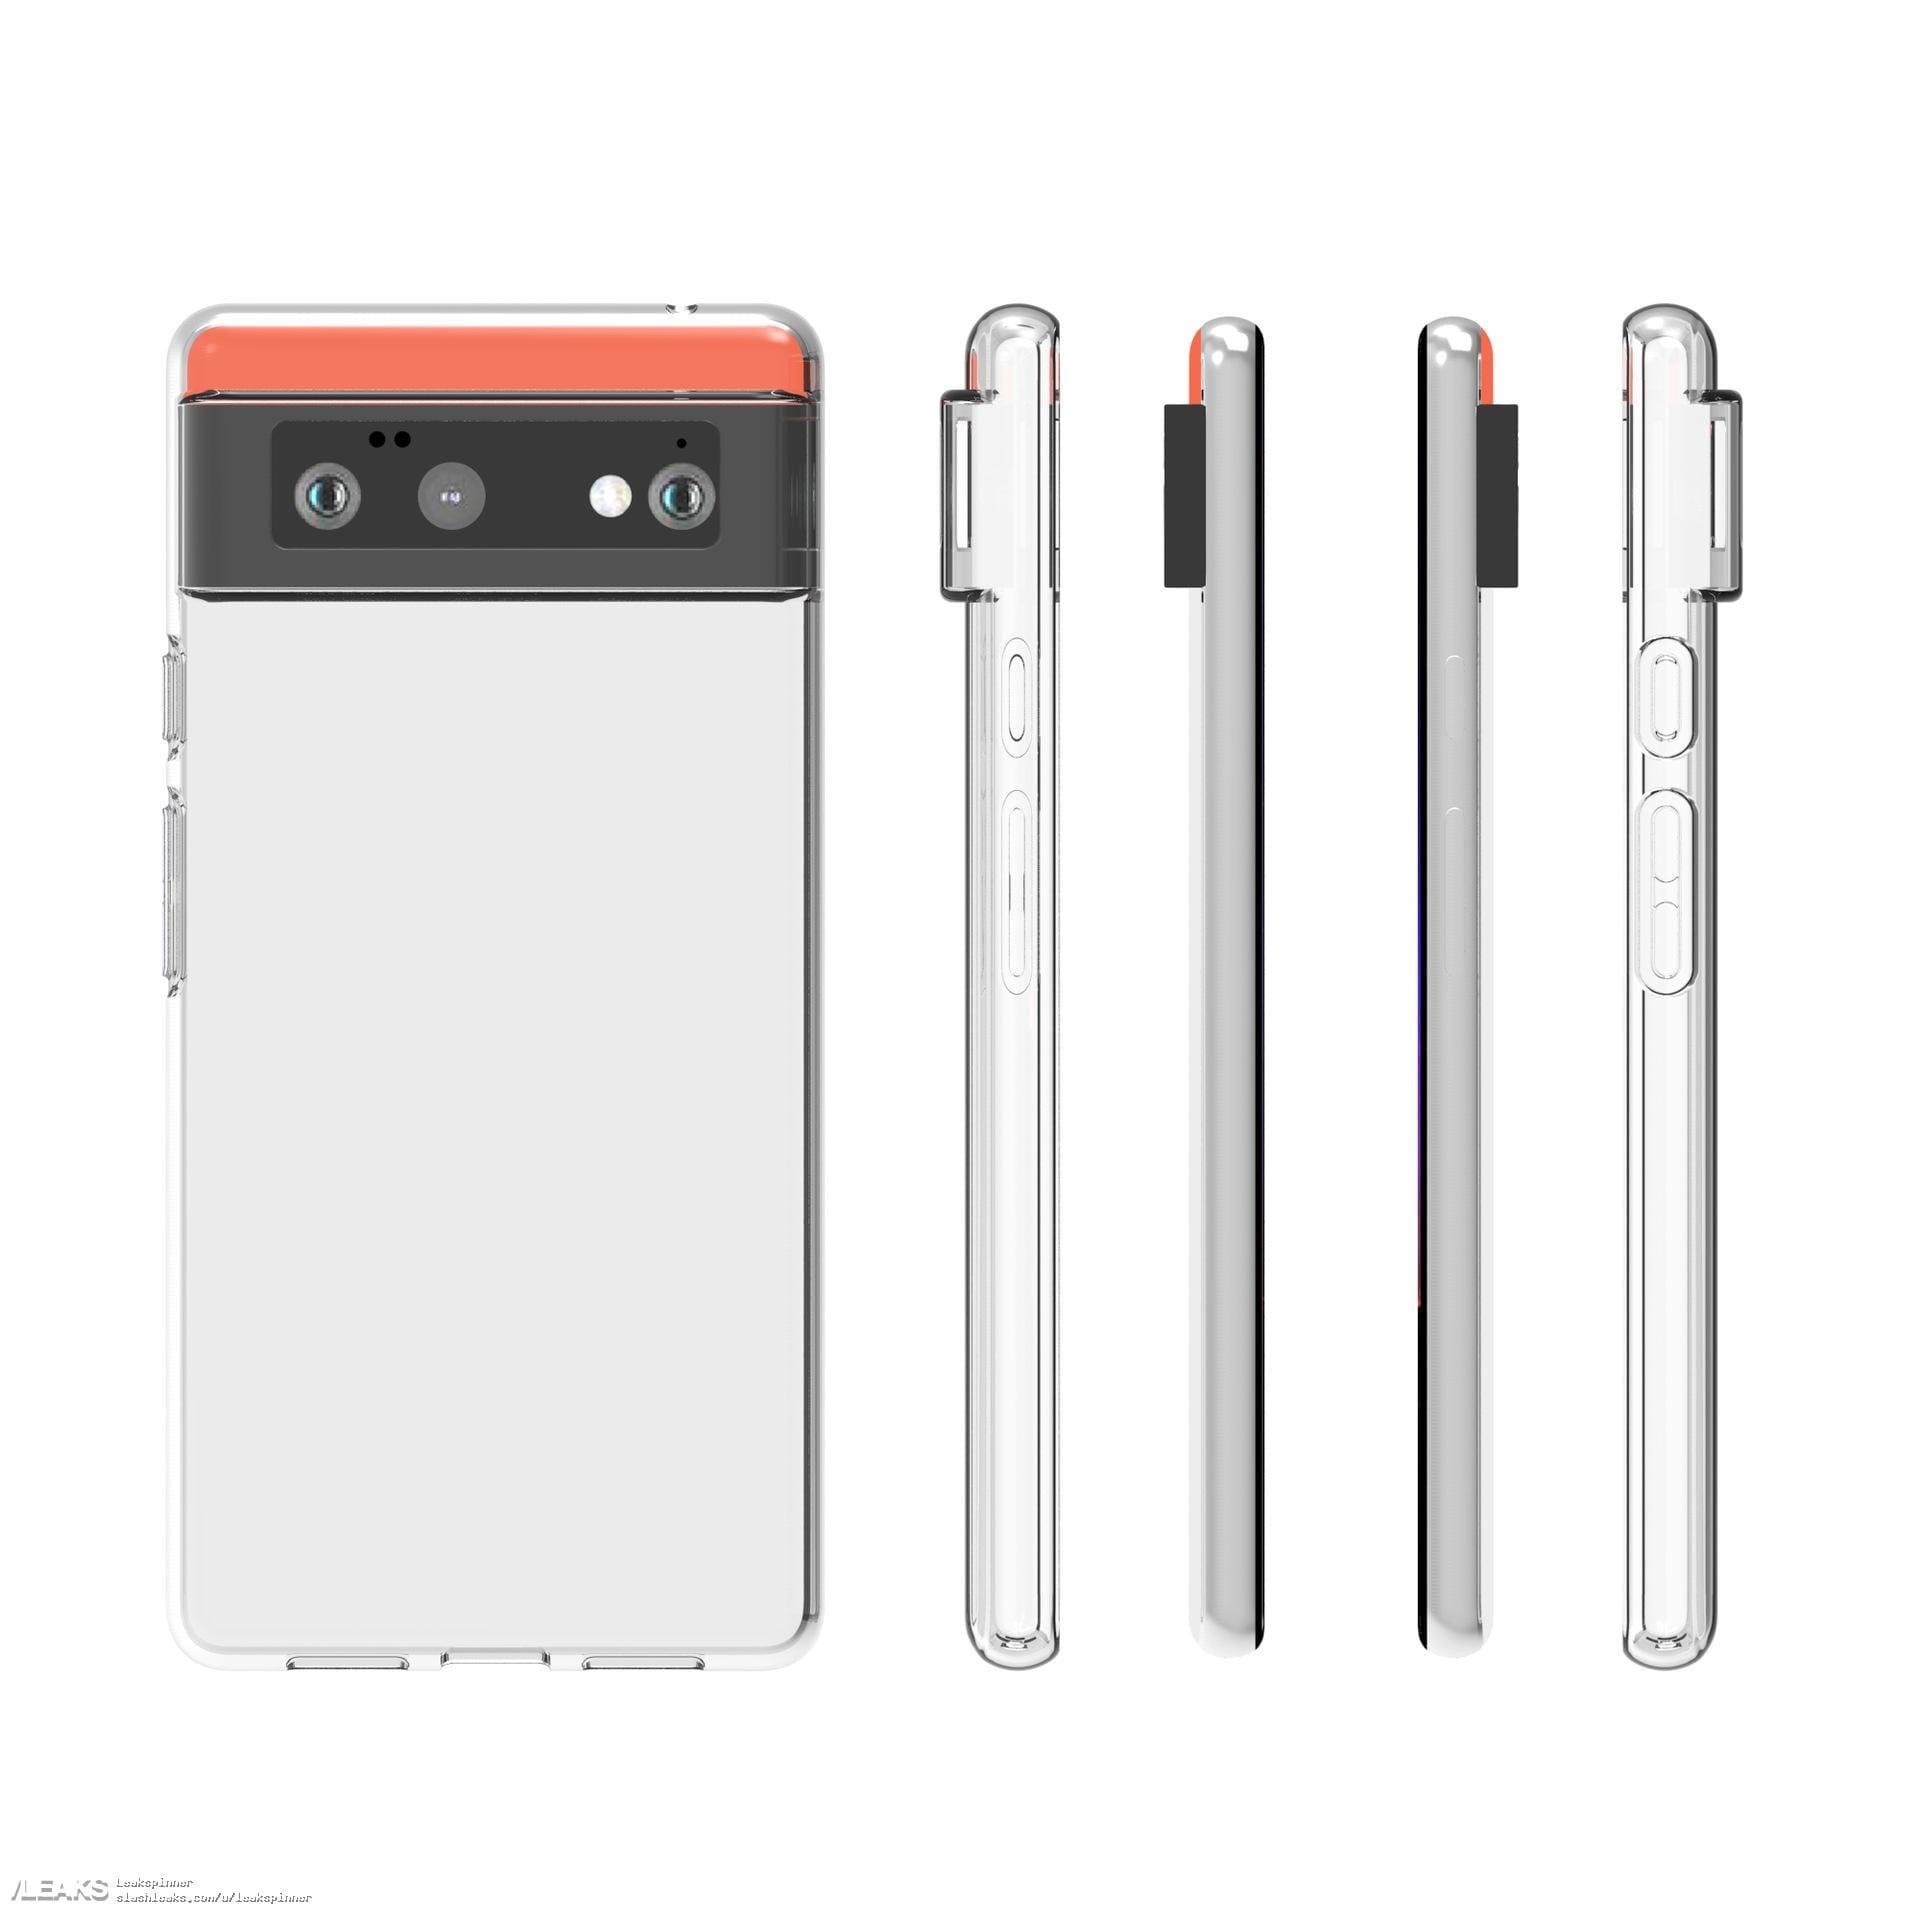 Le cover protettive per Google Pixel 6 confermano il design già emerso di questo smartphone (foto) (aggiornato)